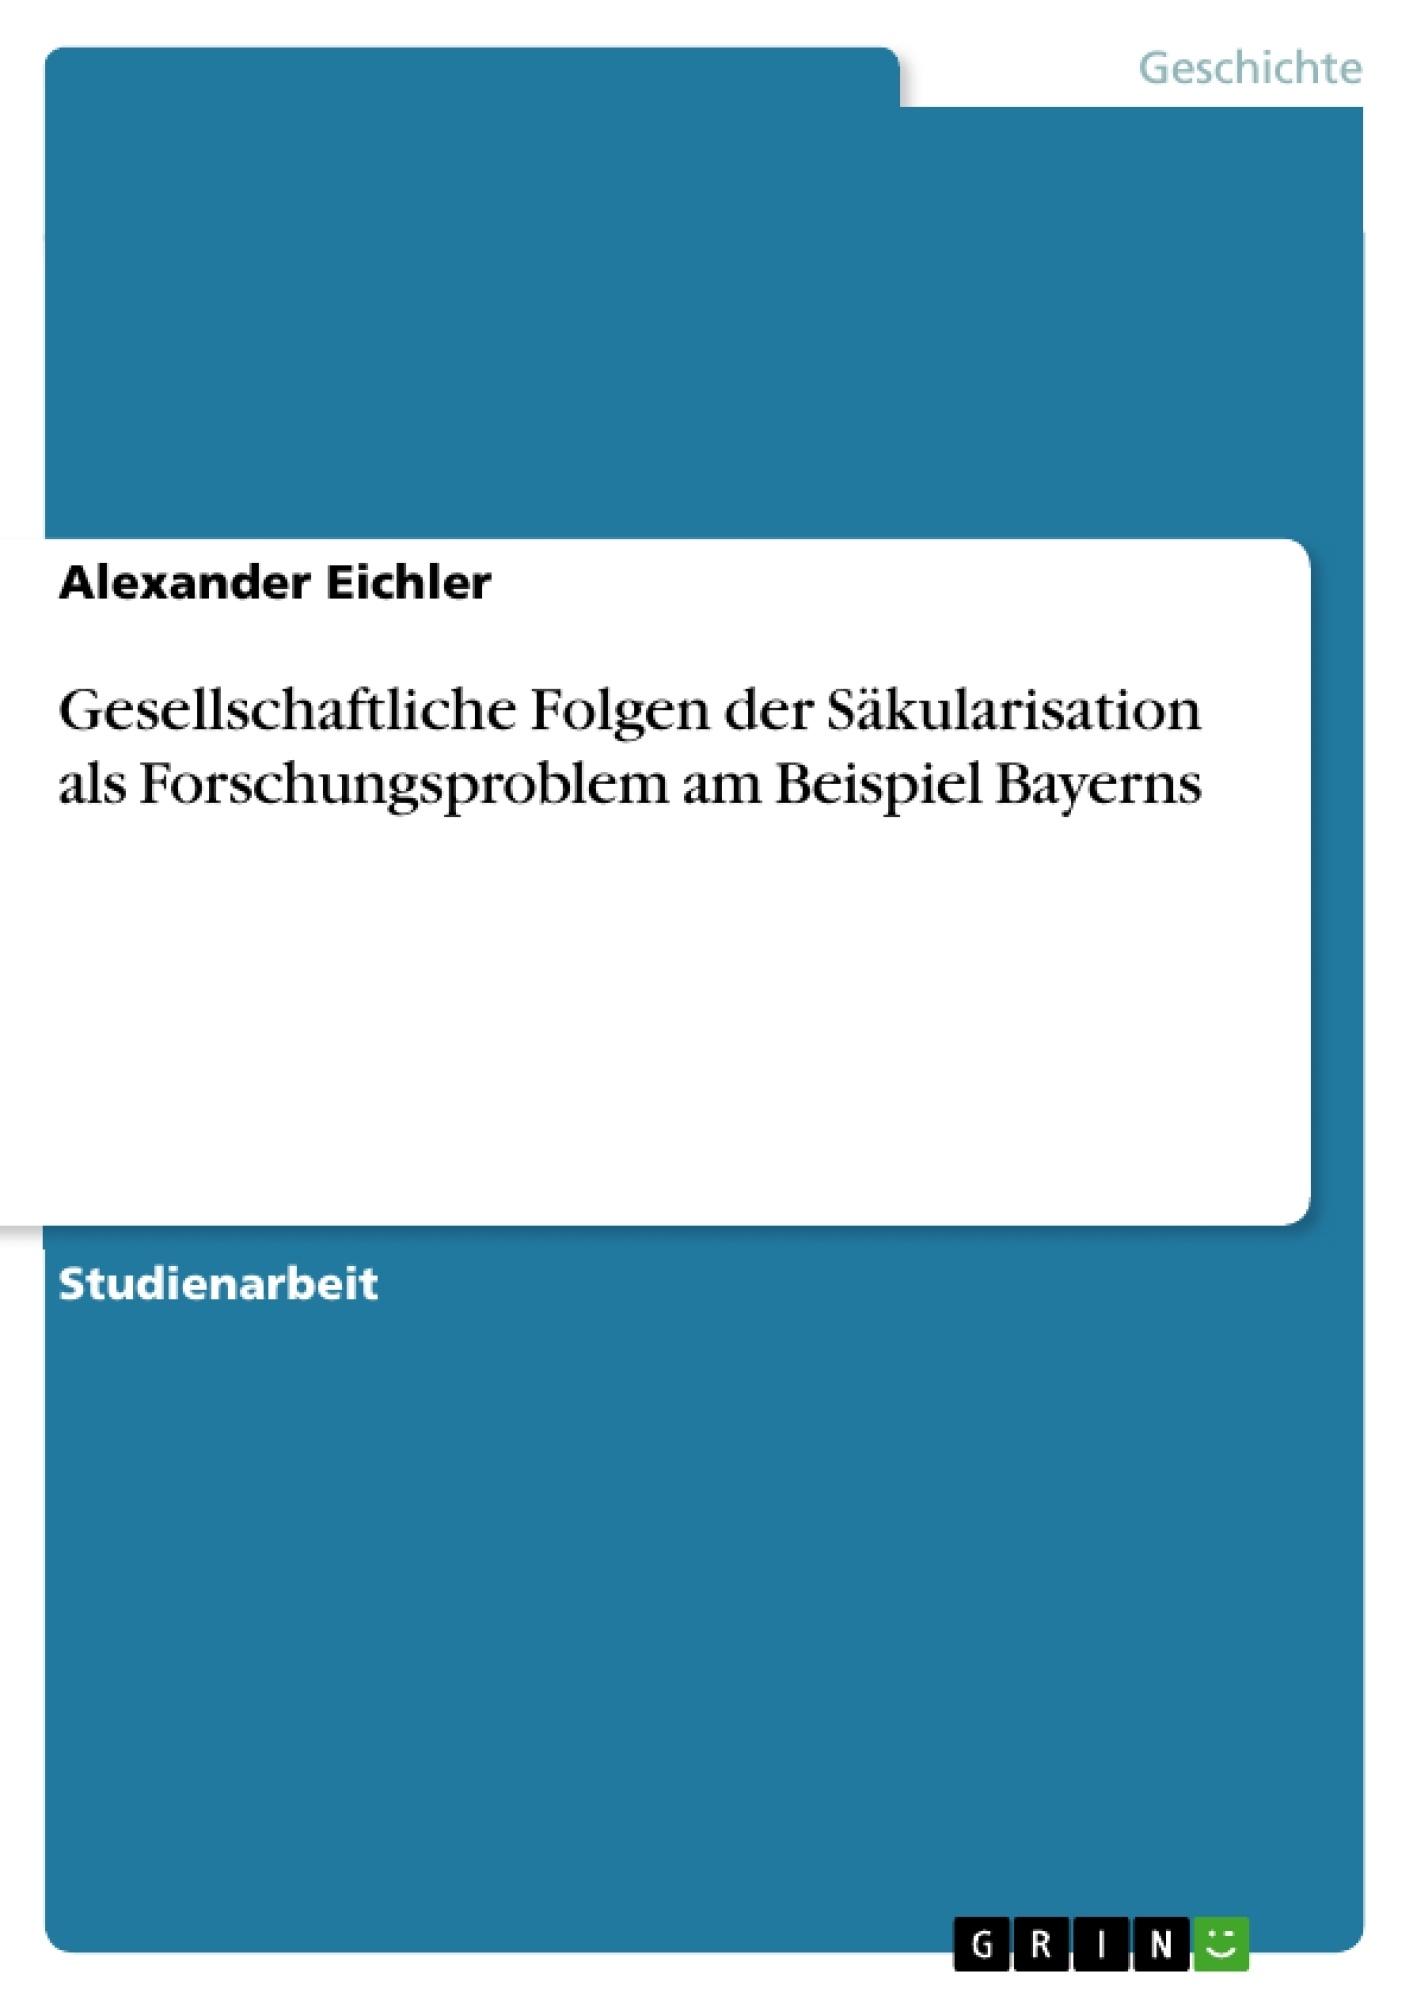 Titel: Gesellschaftliche Folgen der Säkularisation als Forschungsproblem am Beispiel Bayerns